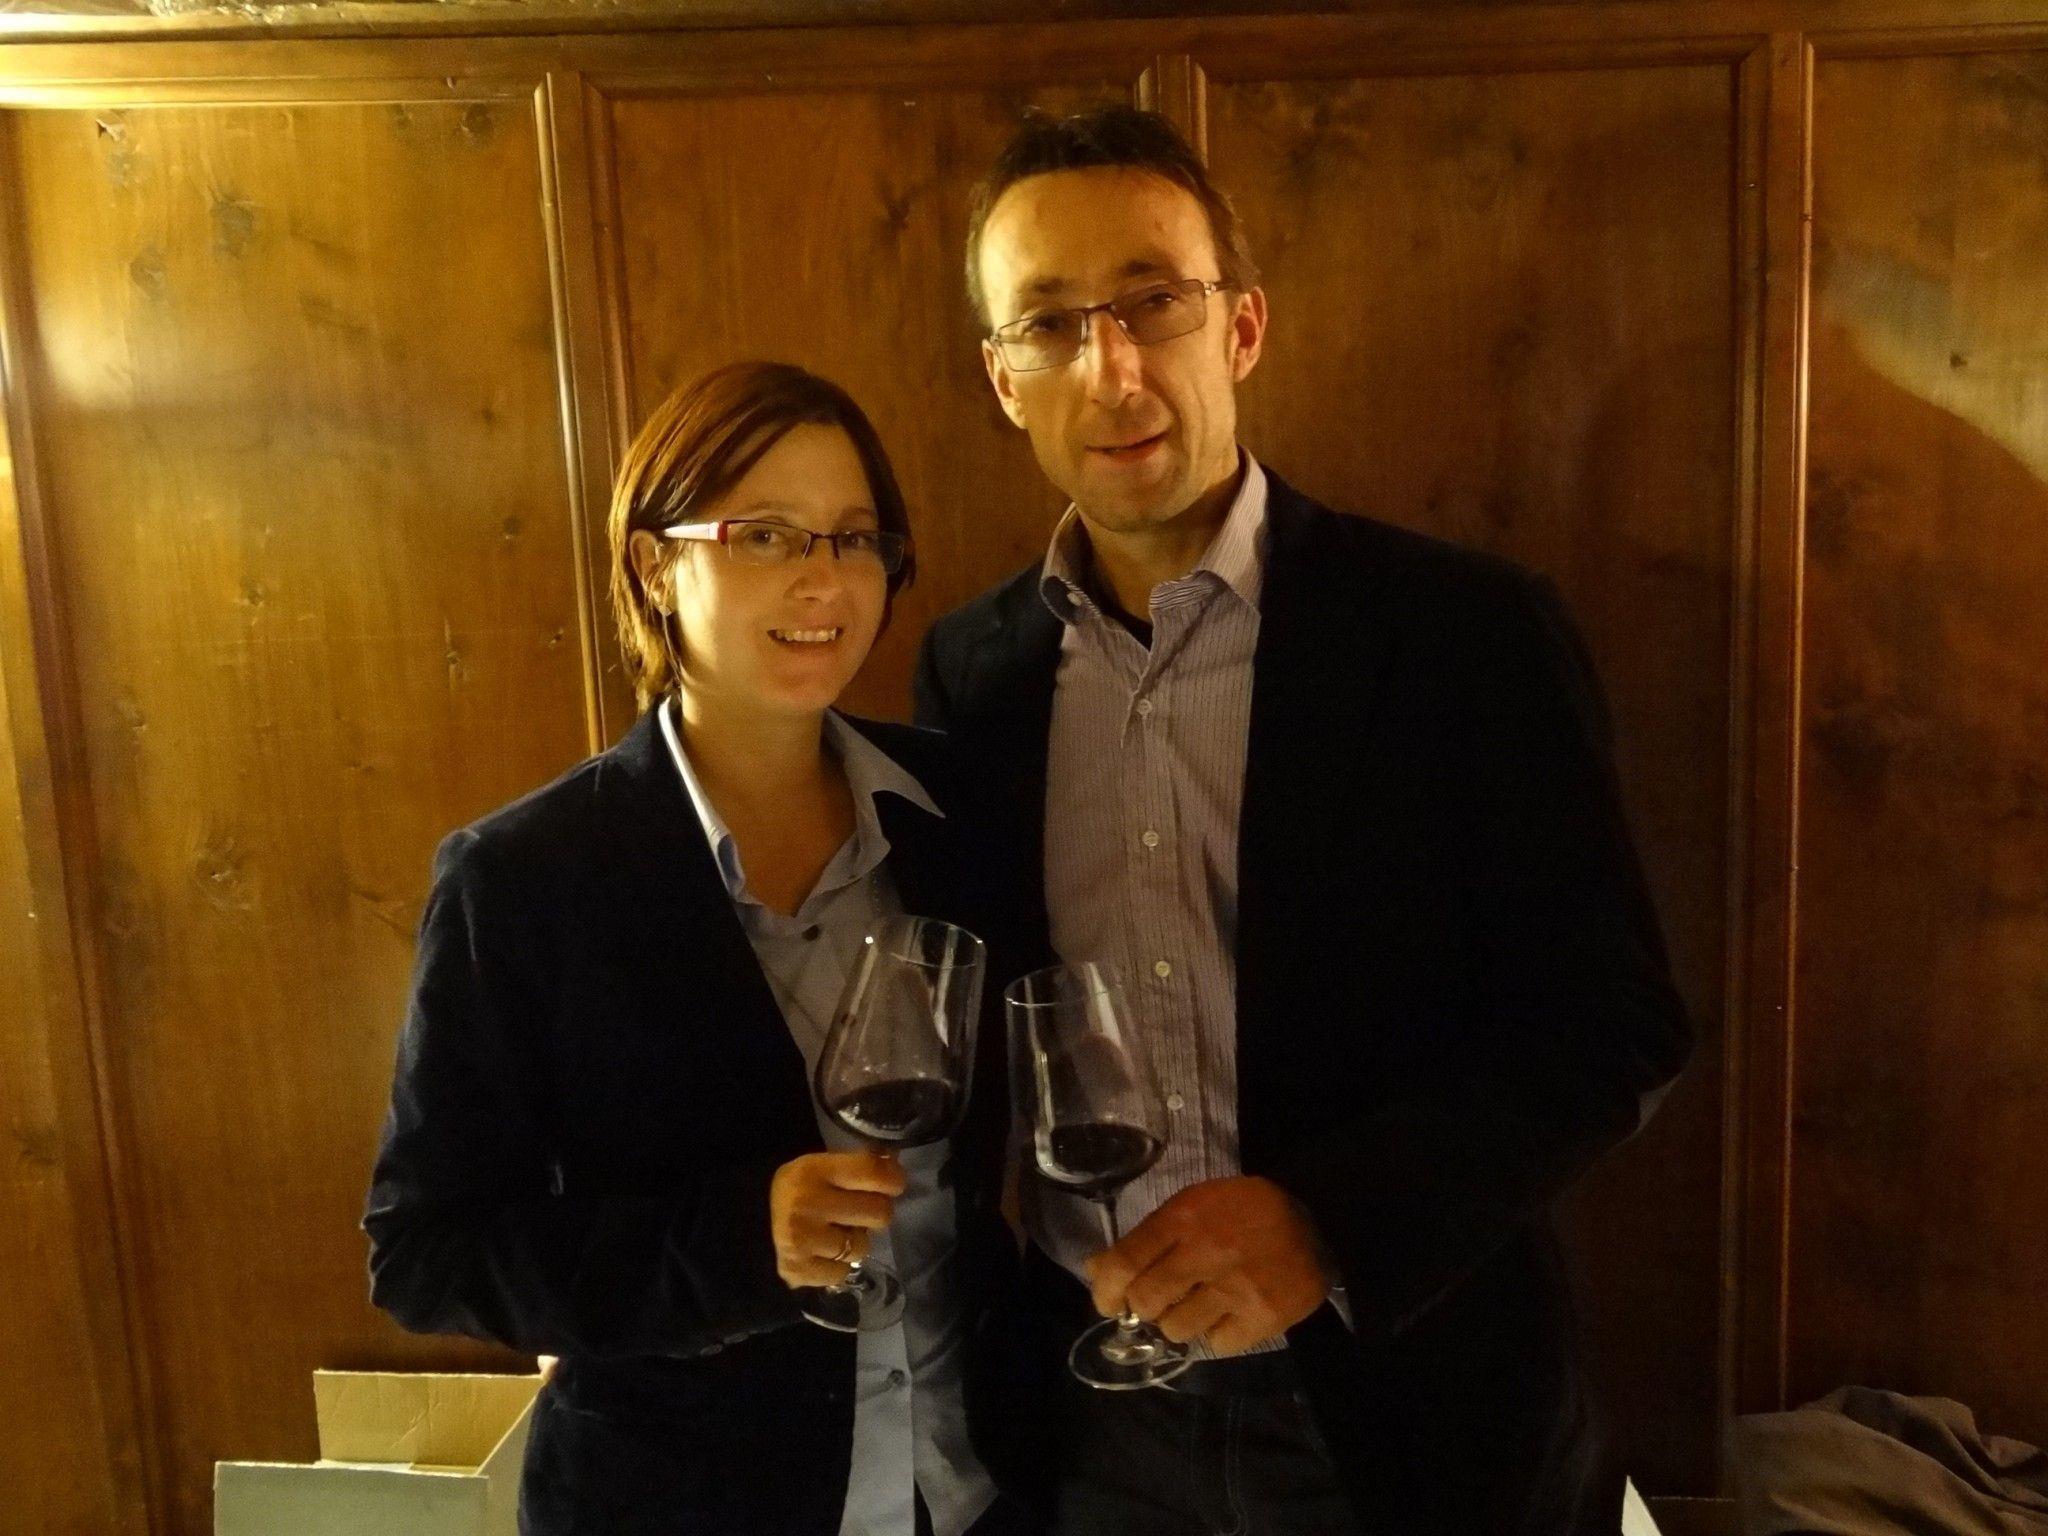 Emma & Hannes Steurer vom Weingut HST aus dem Burgenland waren zu Besuch im Götzner Jonas Schlössle